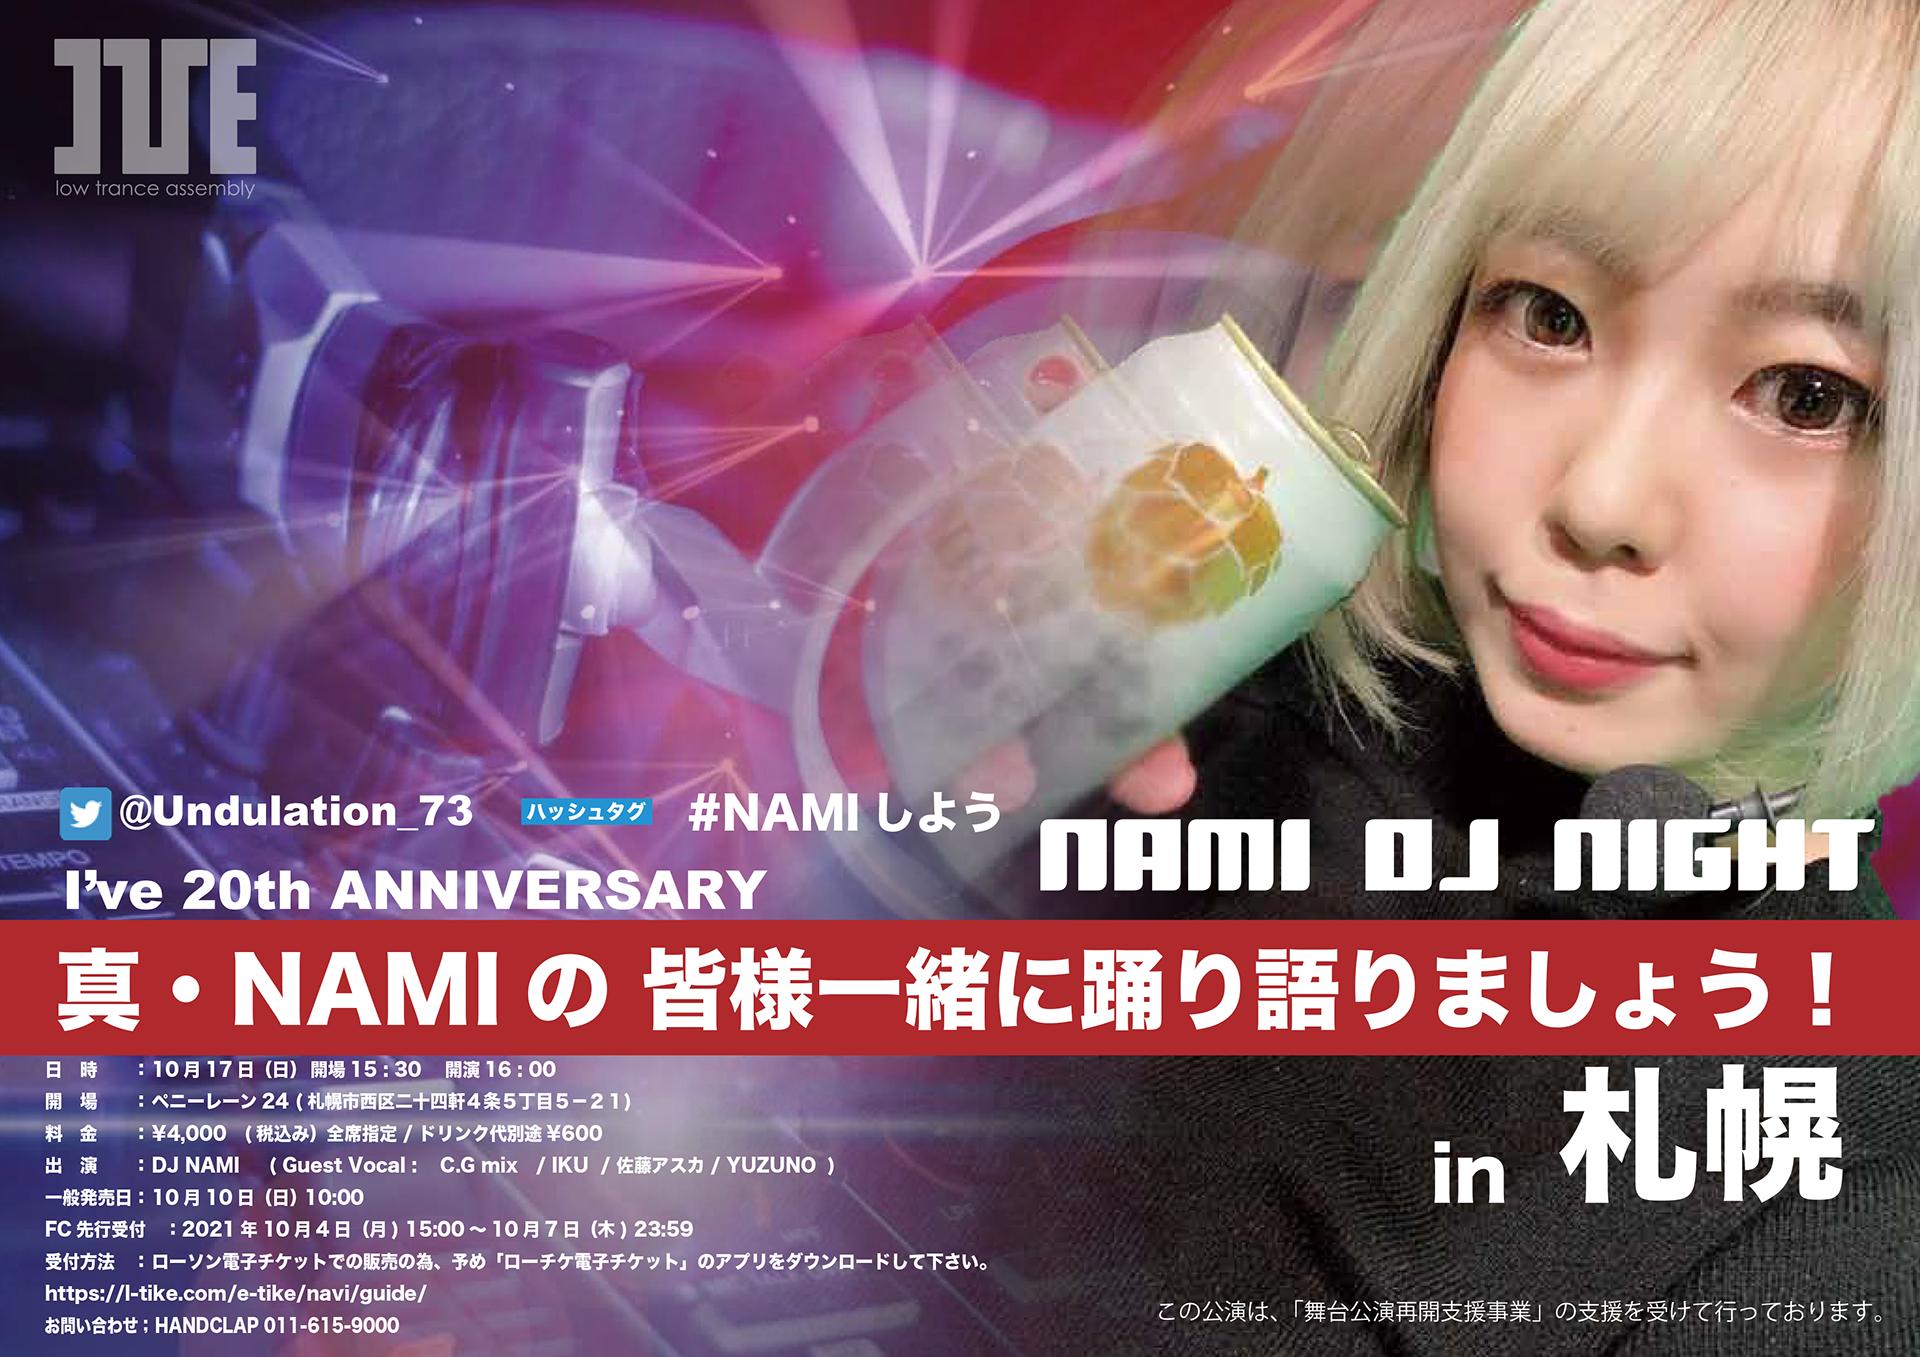 『真・NAMIの 皆様一緒に踊り語りましょう!』 in 札幌